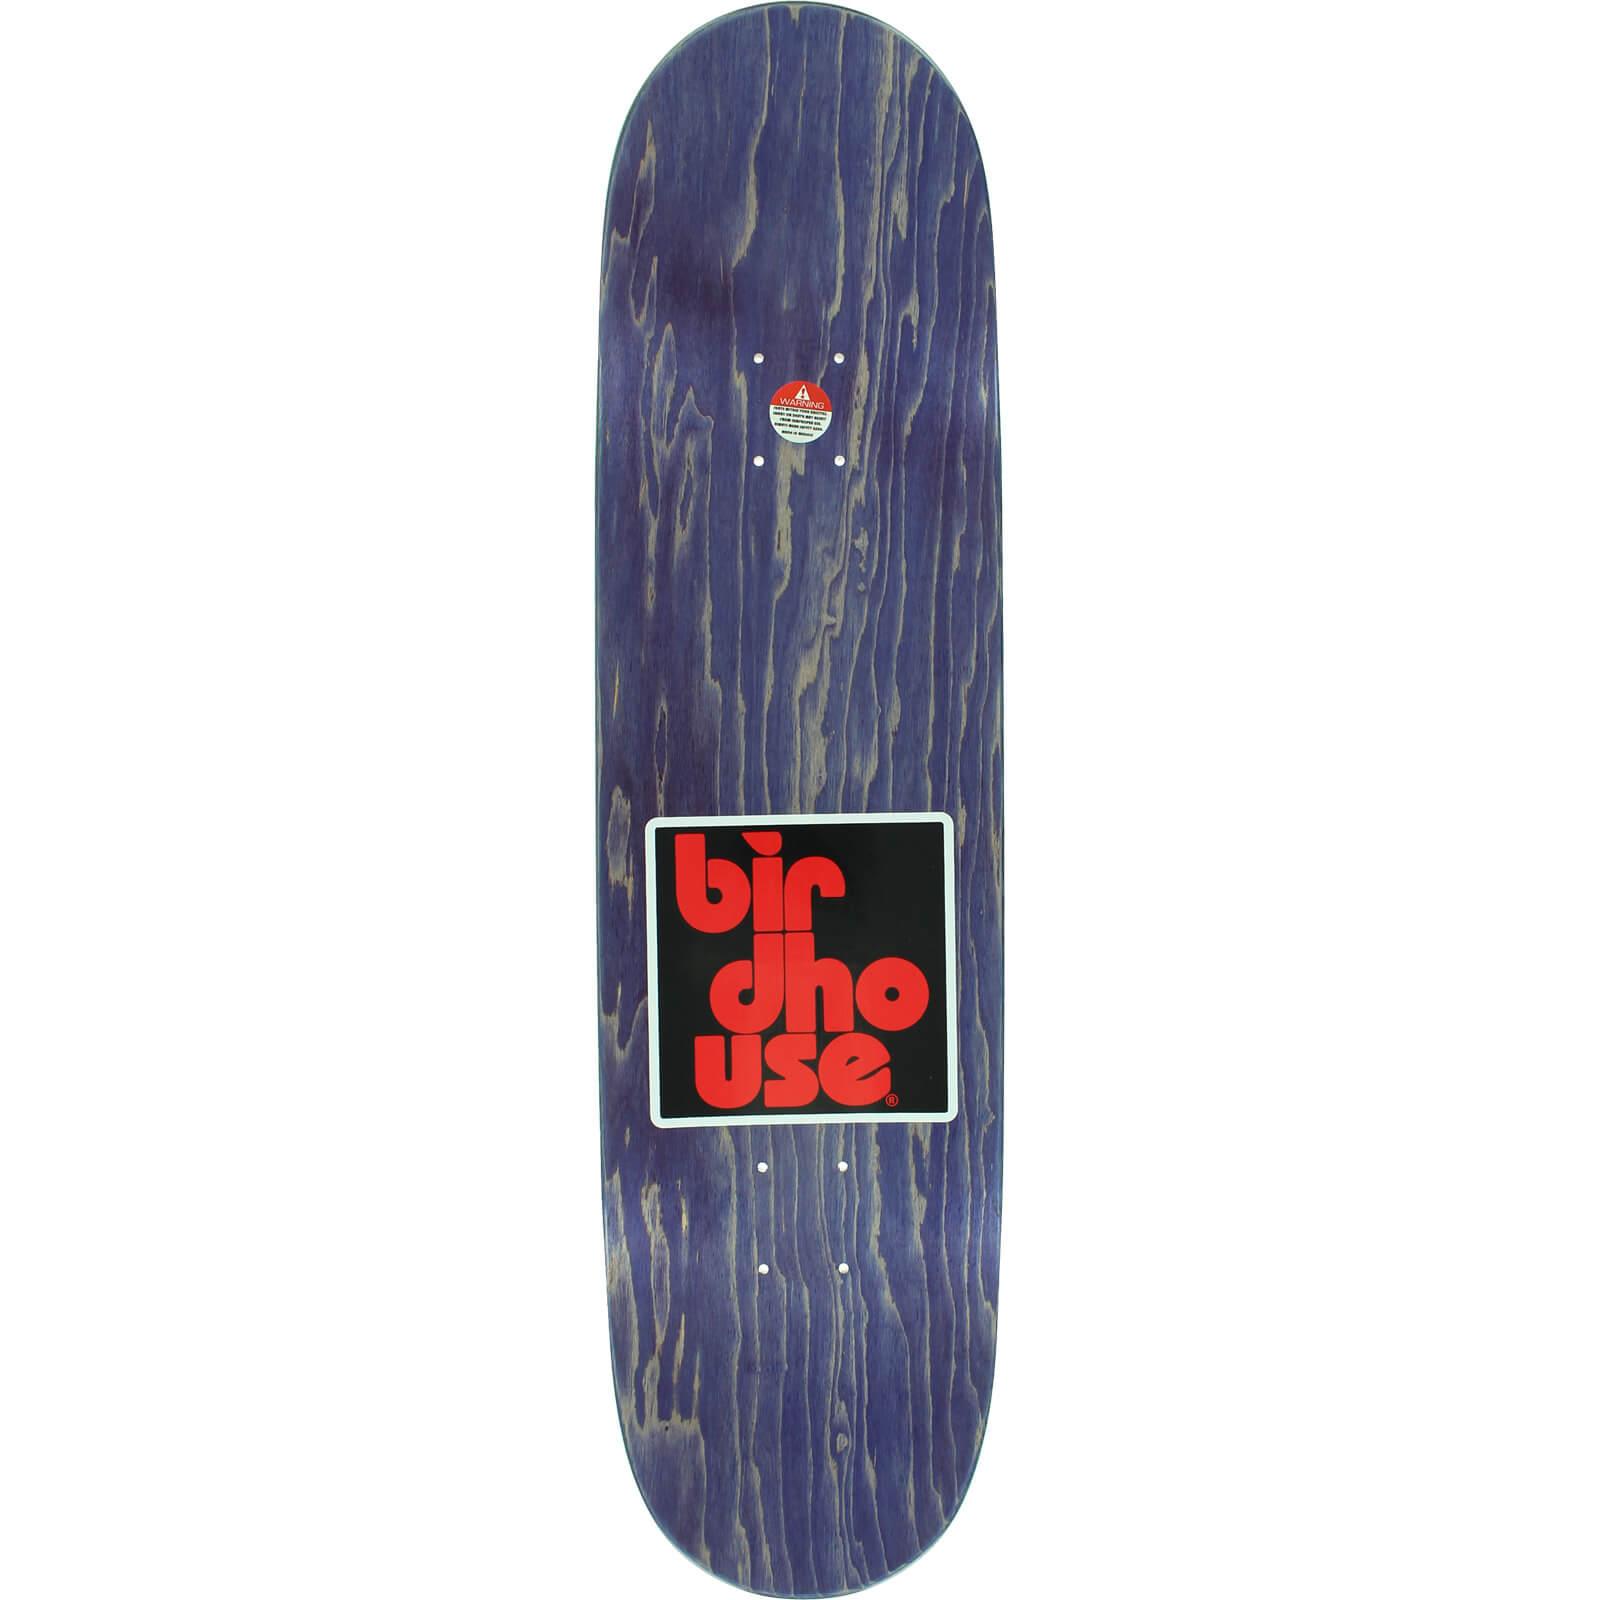 Birdhouse Skateboards Block Skateboard Deck 7 75 X 32